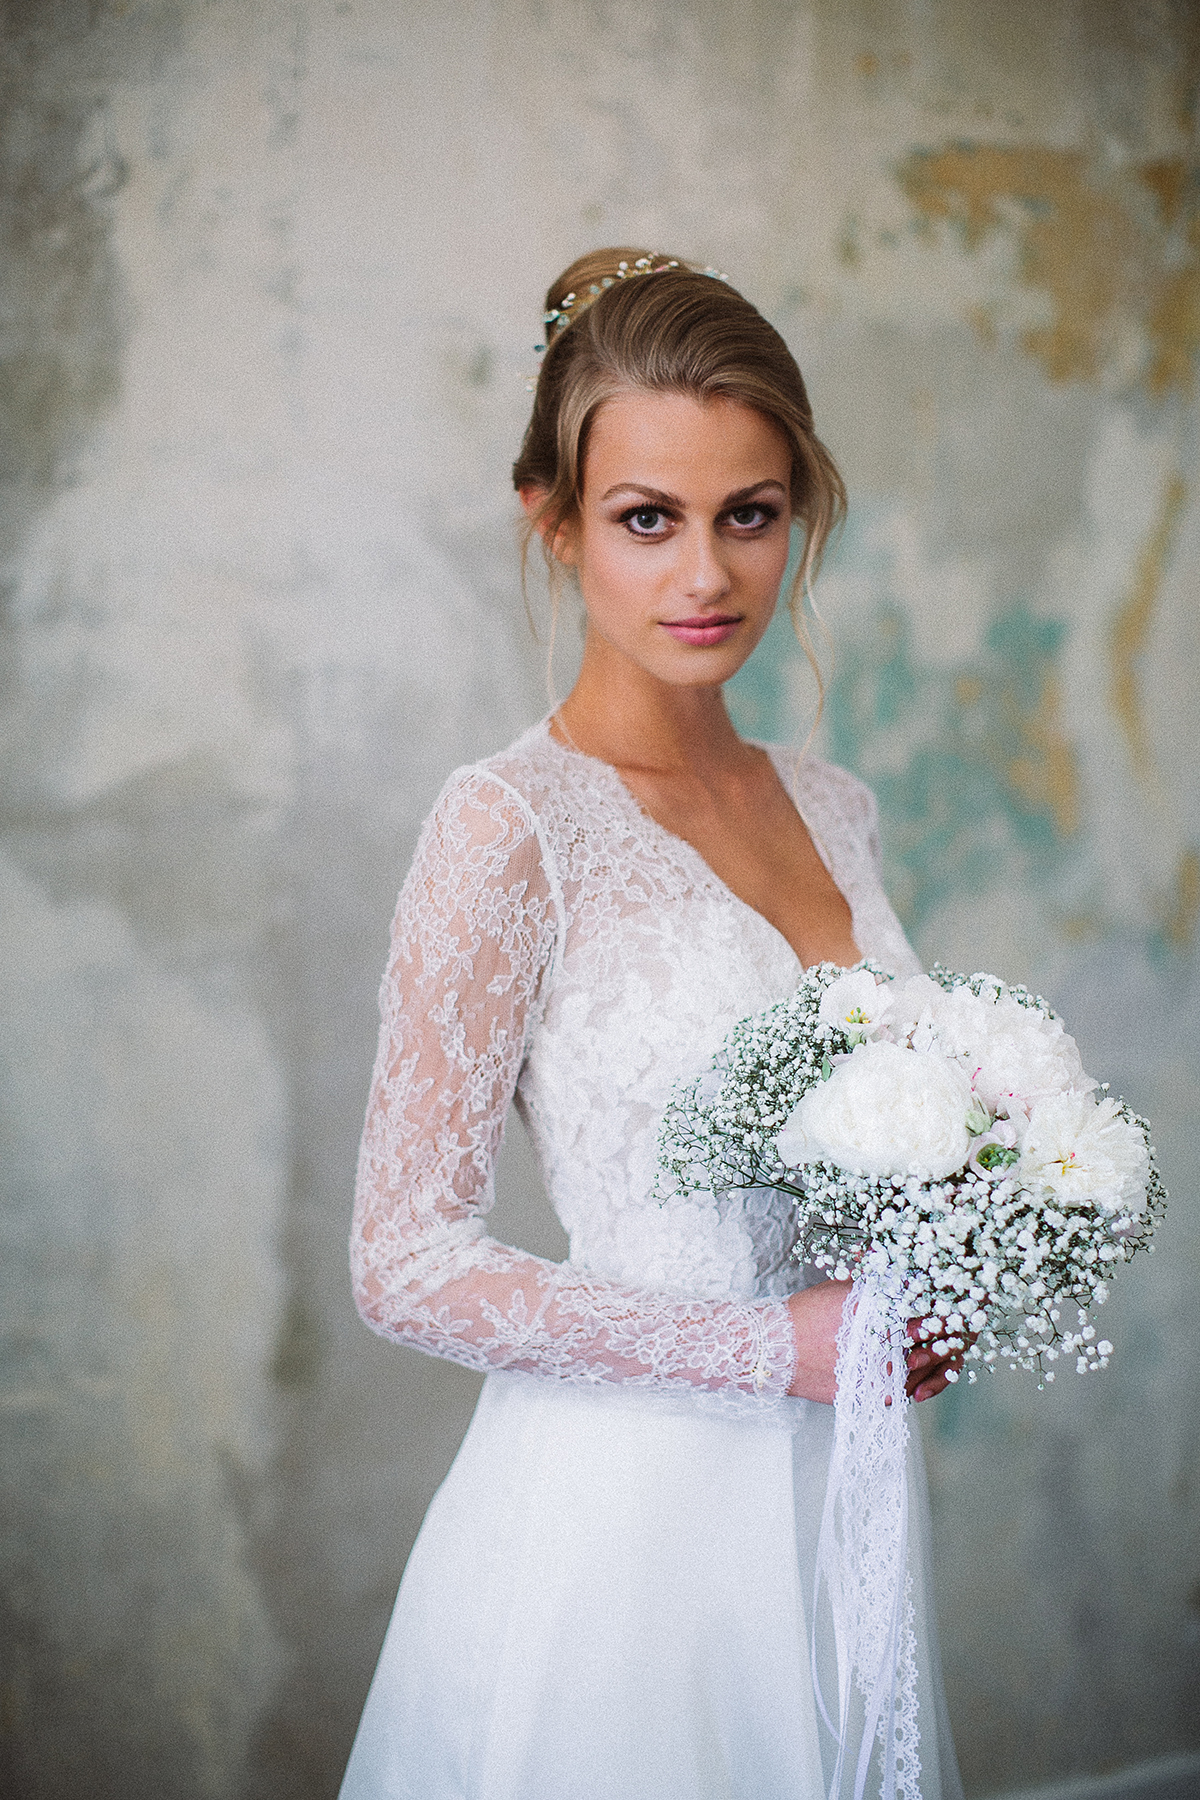 Atemberaubend Kaufhaus Hochzeitskleider Bilder - Brautkleider Ideen ...